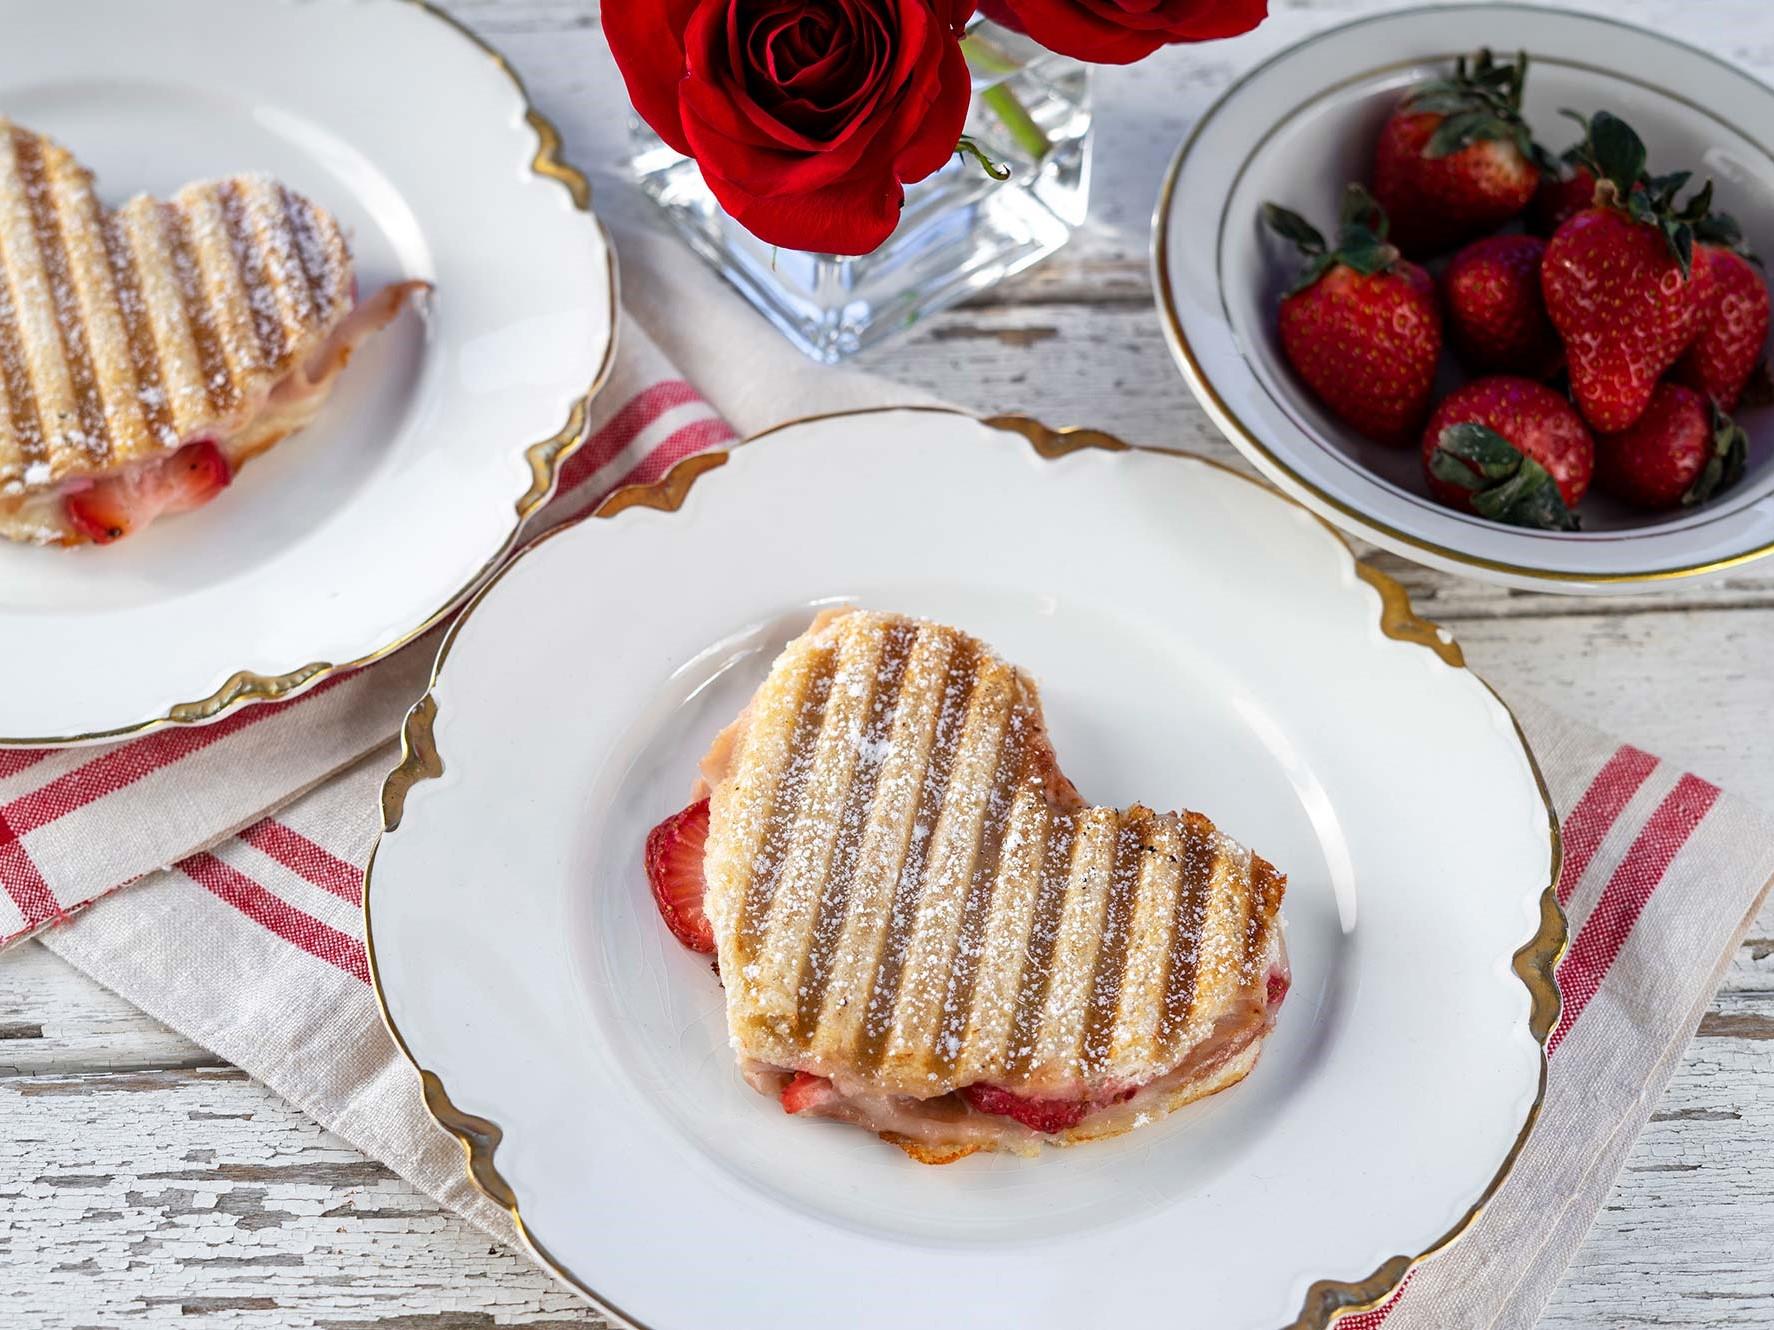 Toast en forme de coeur pour votre petit déjeuner au lit.